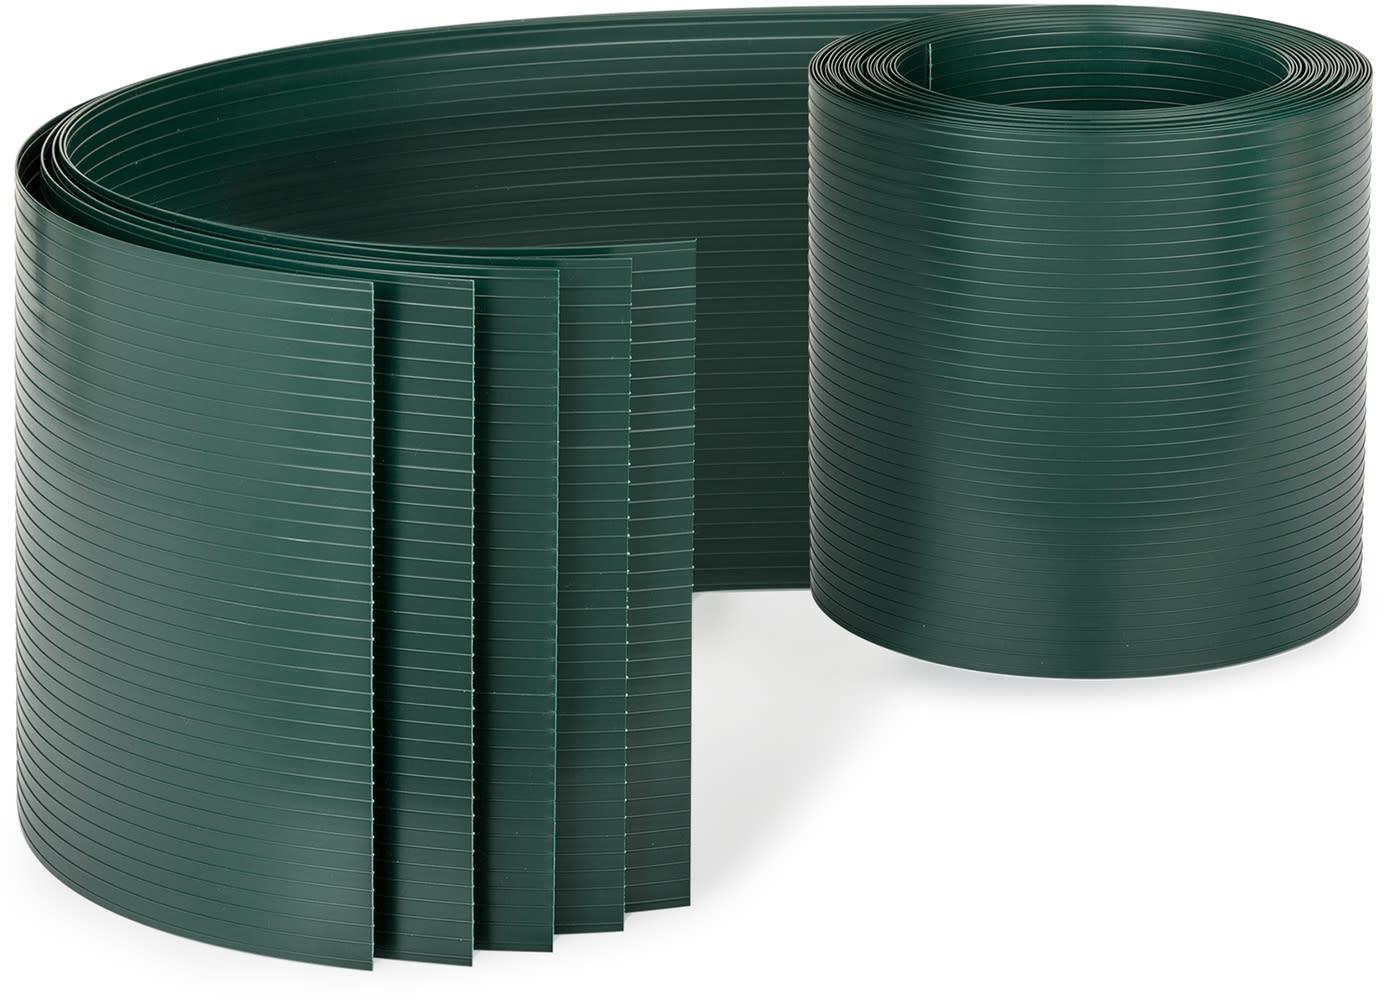 Blumfeldt Blumfeldt Ogrodzeniowa osłona maskująca, PCW  twardy plastik, 2,53 x 0,19 m PVC5 Grün